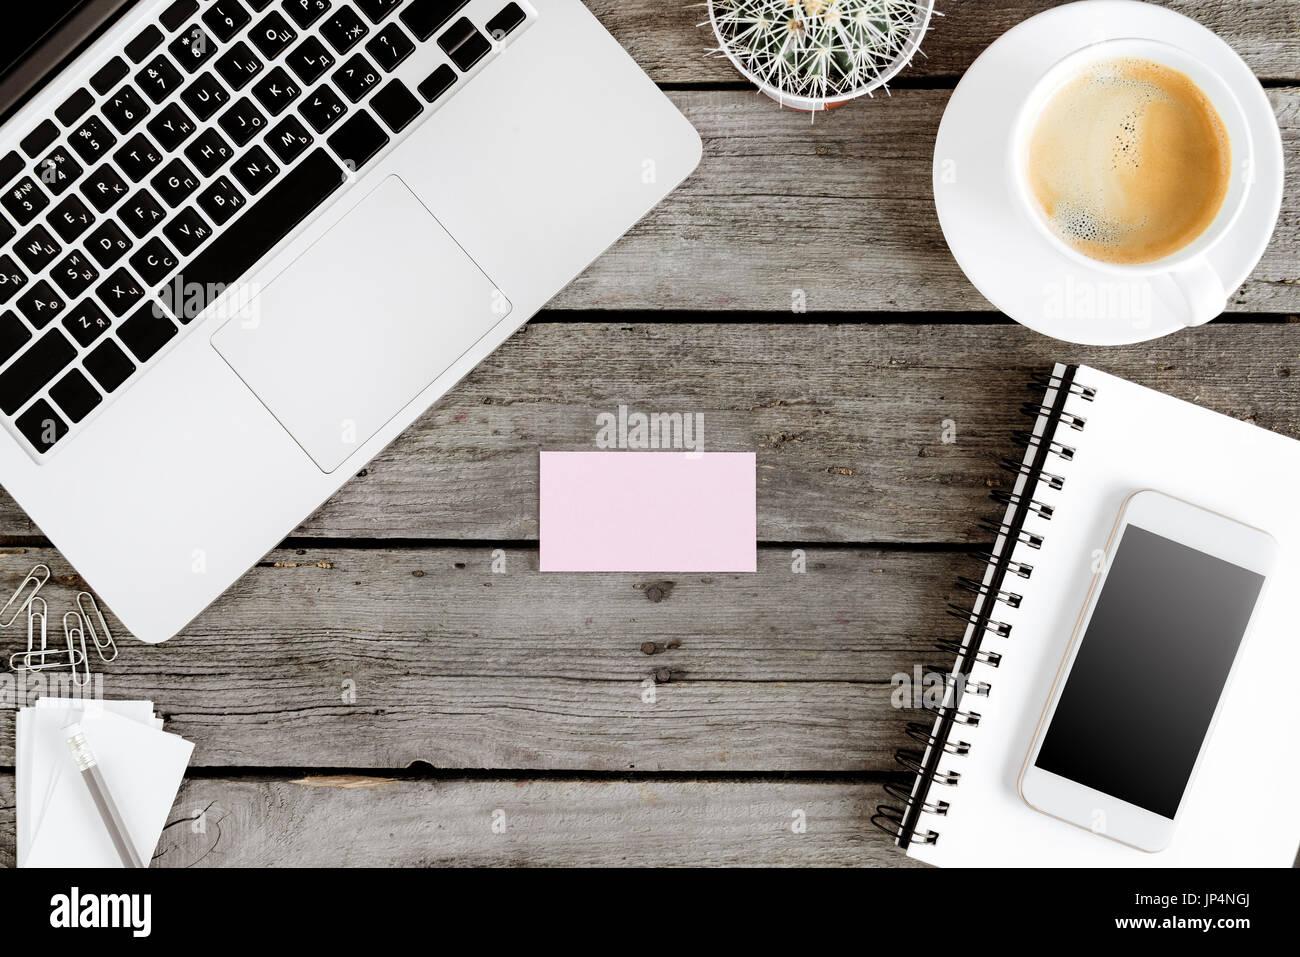 Vista superior de dispositivos digitales inalámbricos y tarjeta en blanco en el lugar de trabajo Foto de stock